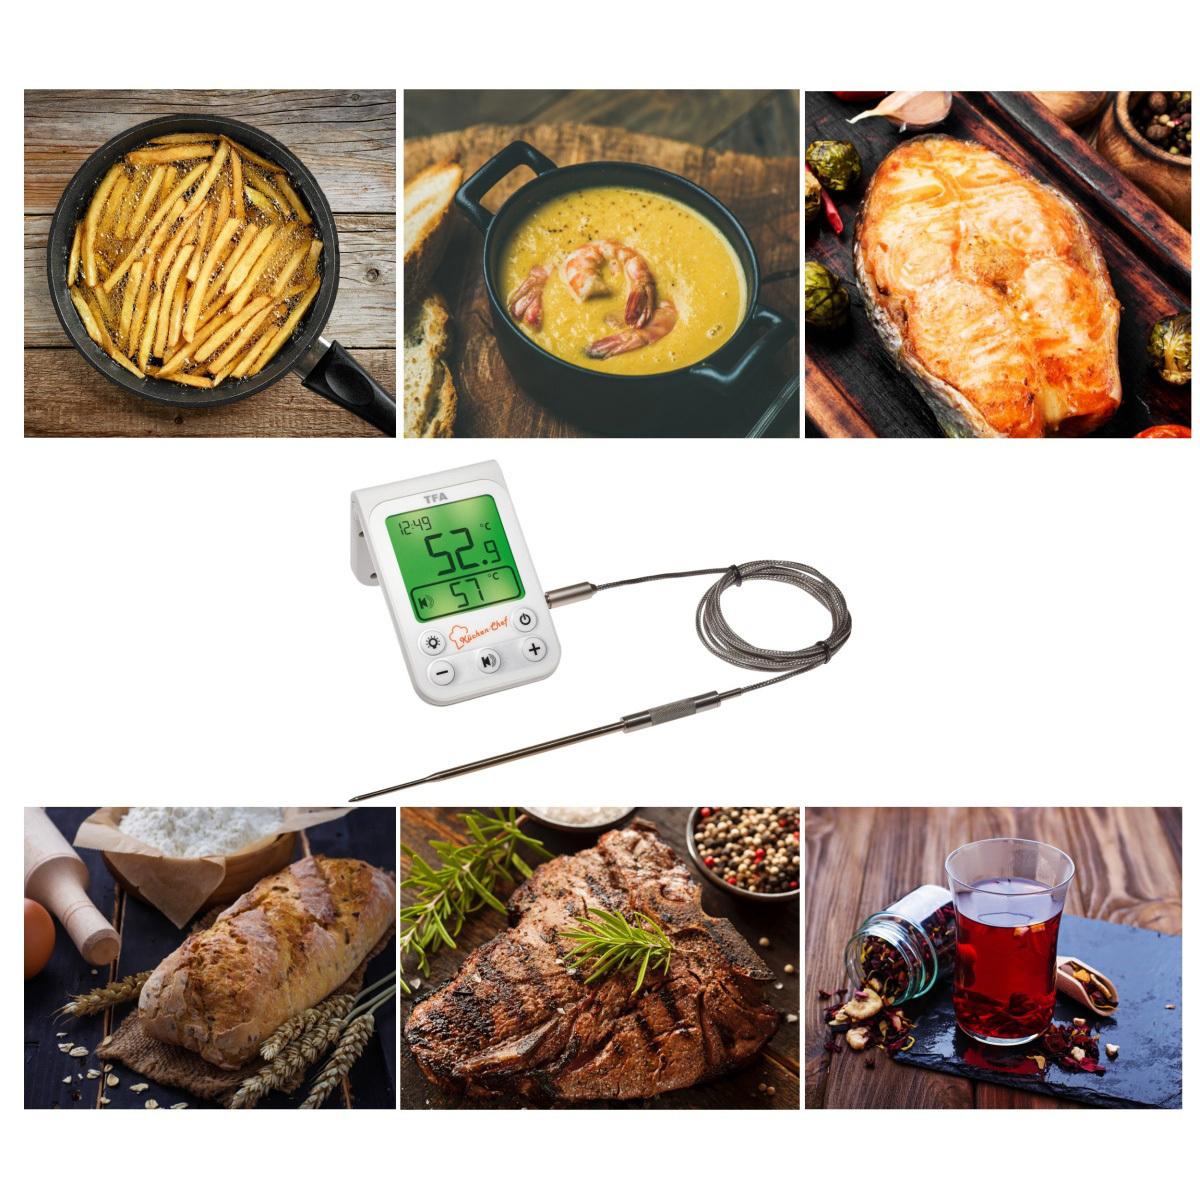 14-1510-02-digitales-grill-bratenthermometer-küchen-chef-anwendung-1200x1200px.jpg